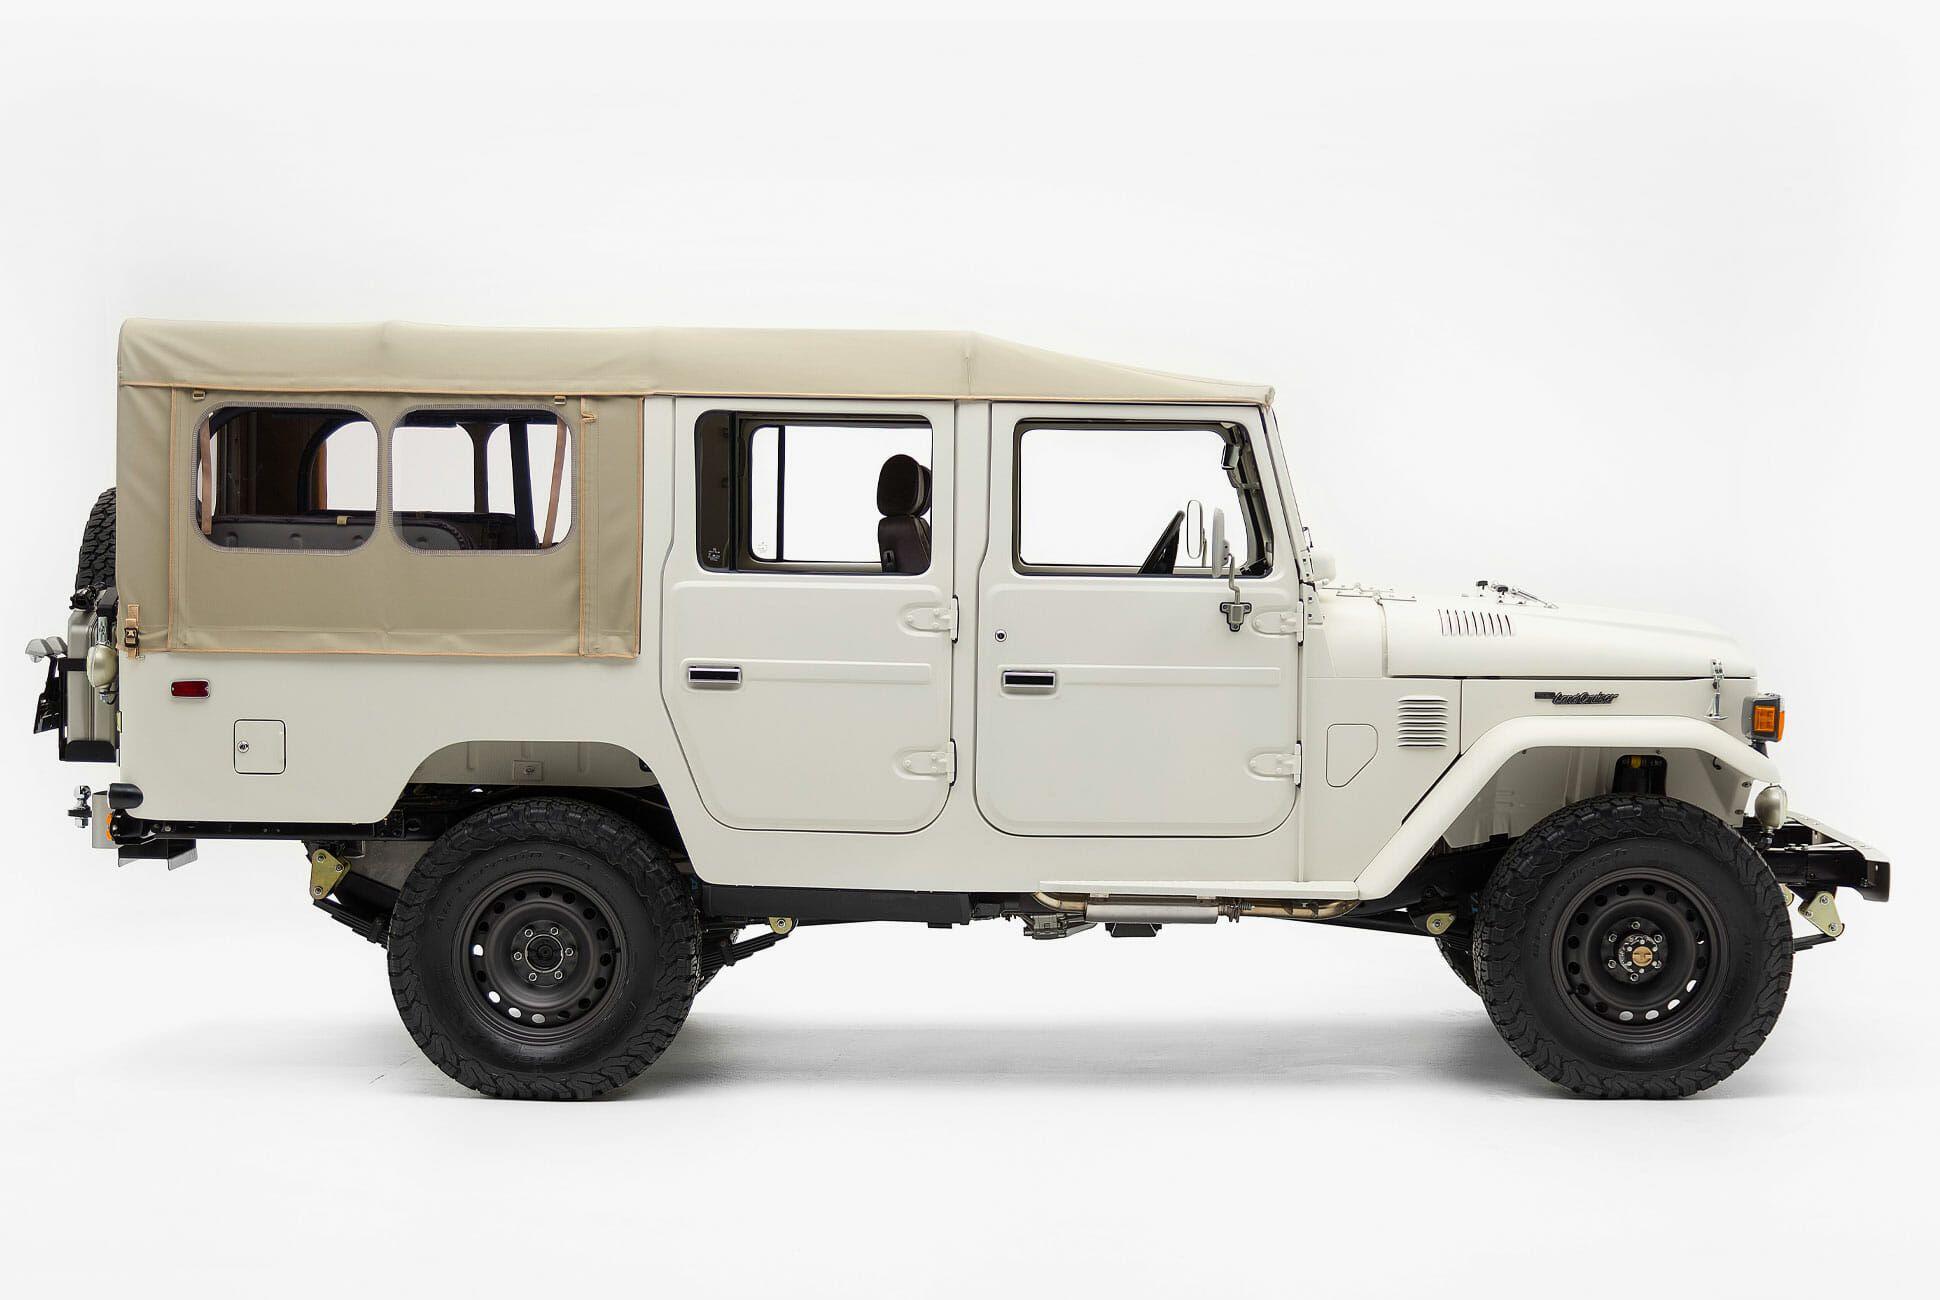 FJ40-Troopy-Gear-Patrol-slide-2